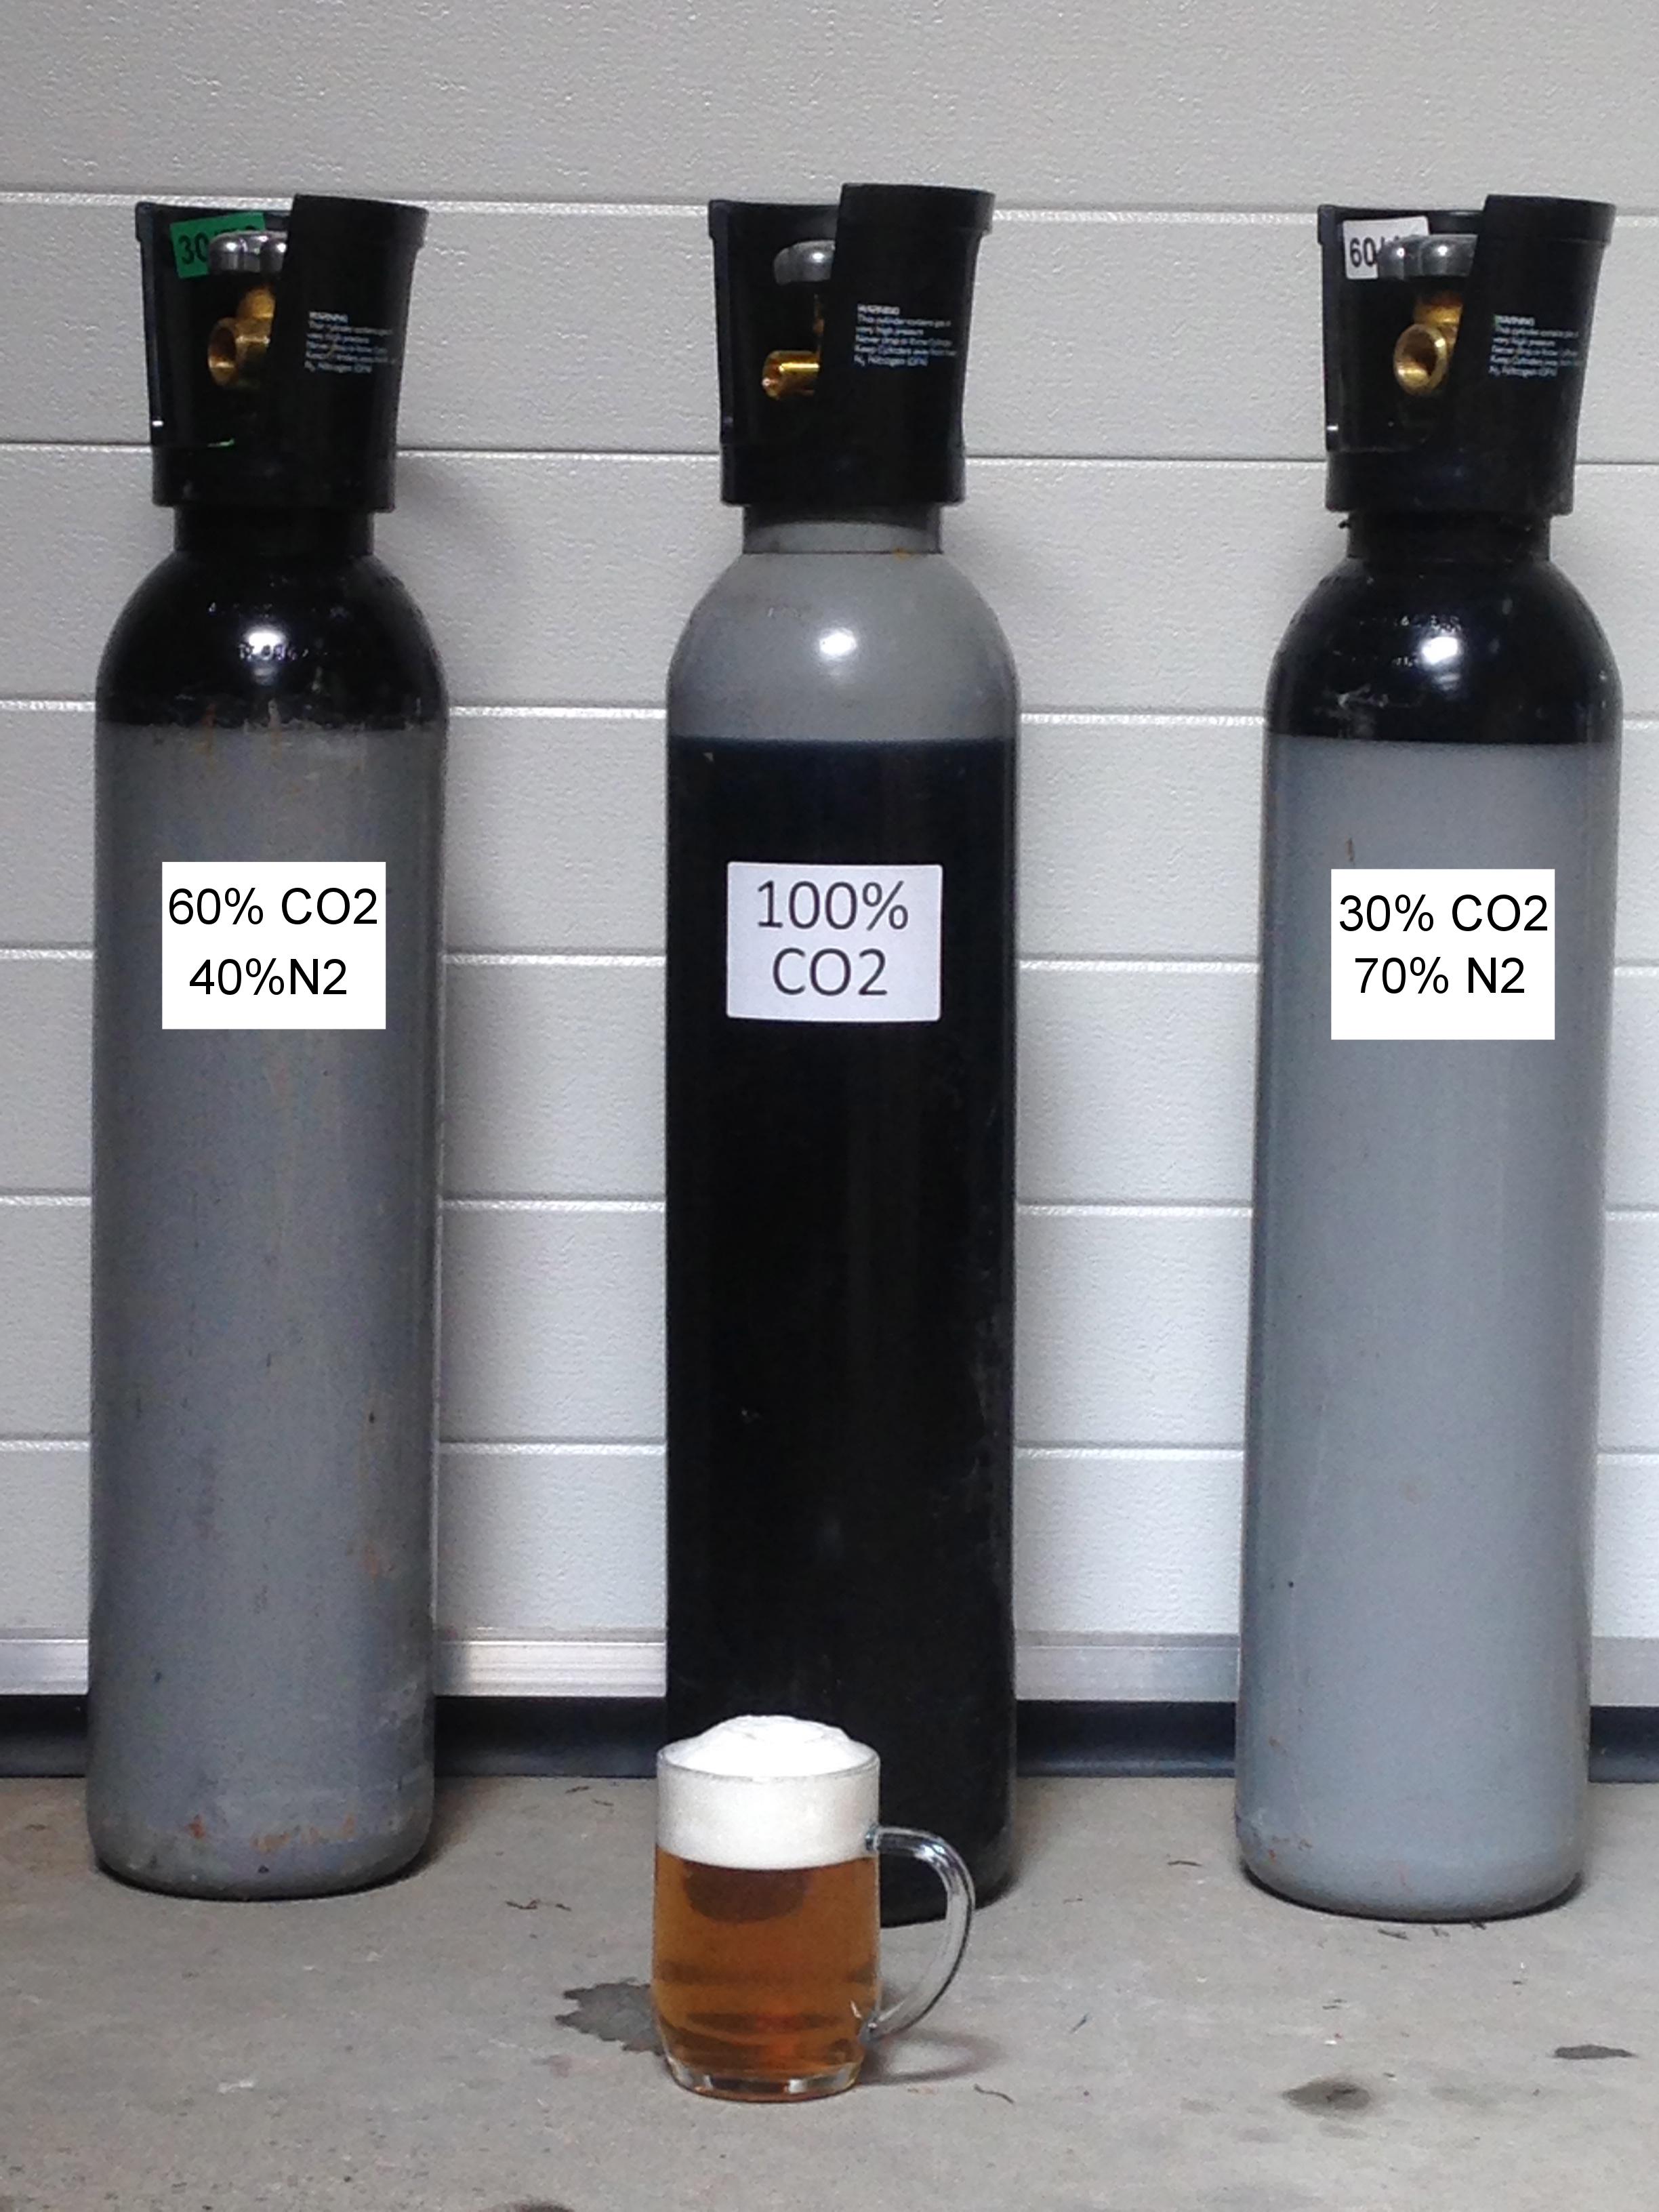 Cellar Gas & Cellar Gas   CO2 u0026 CO2 Nitrogen Mixes   NGF